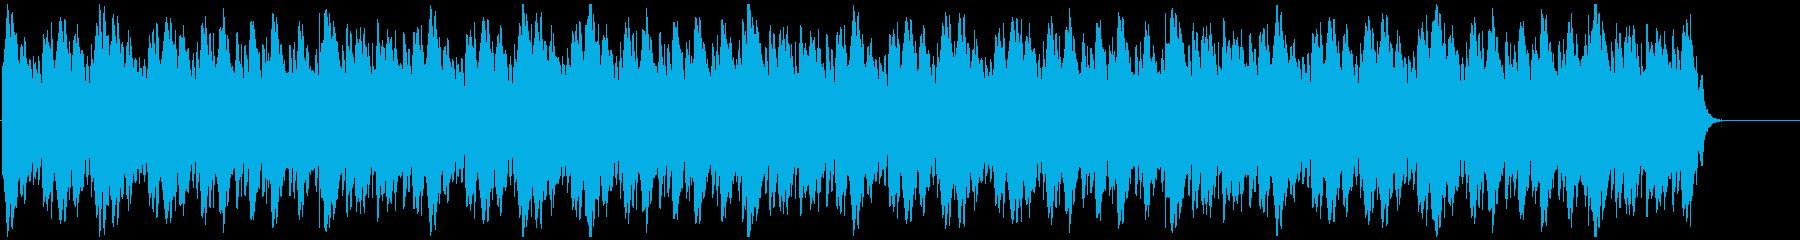 苦悩 謎解 不安 シンプルなミニマル音楽の再生済みの波形